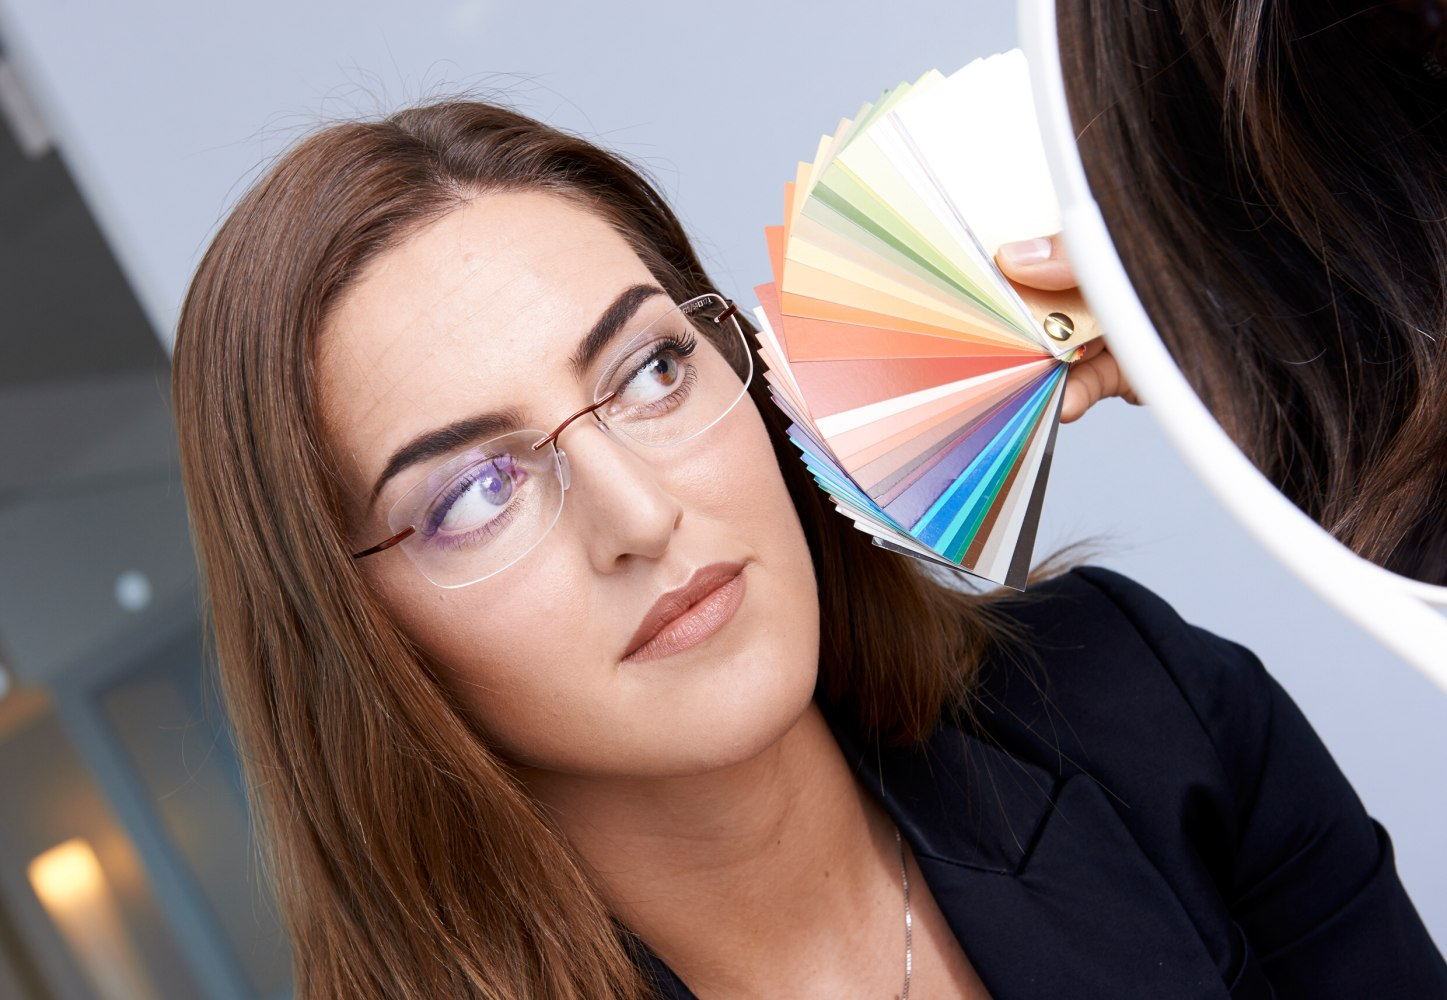 8dfc30cca8c831 Beste kleur van een bril volgens koele of warme huidskleur